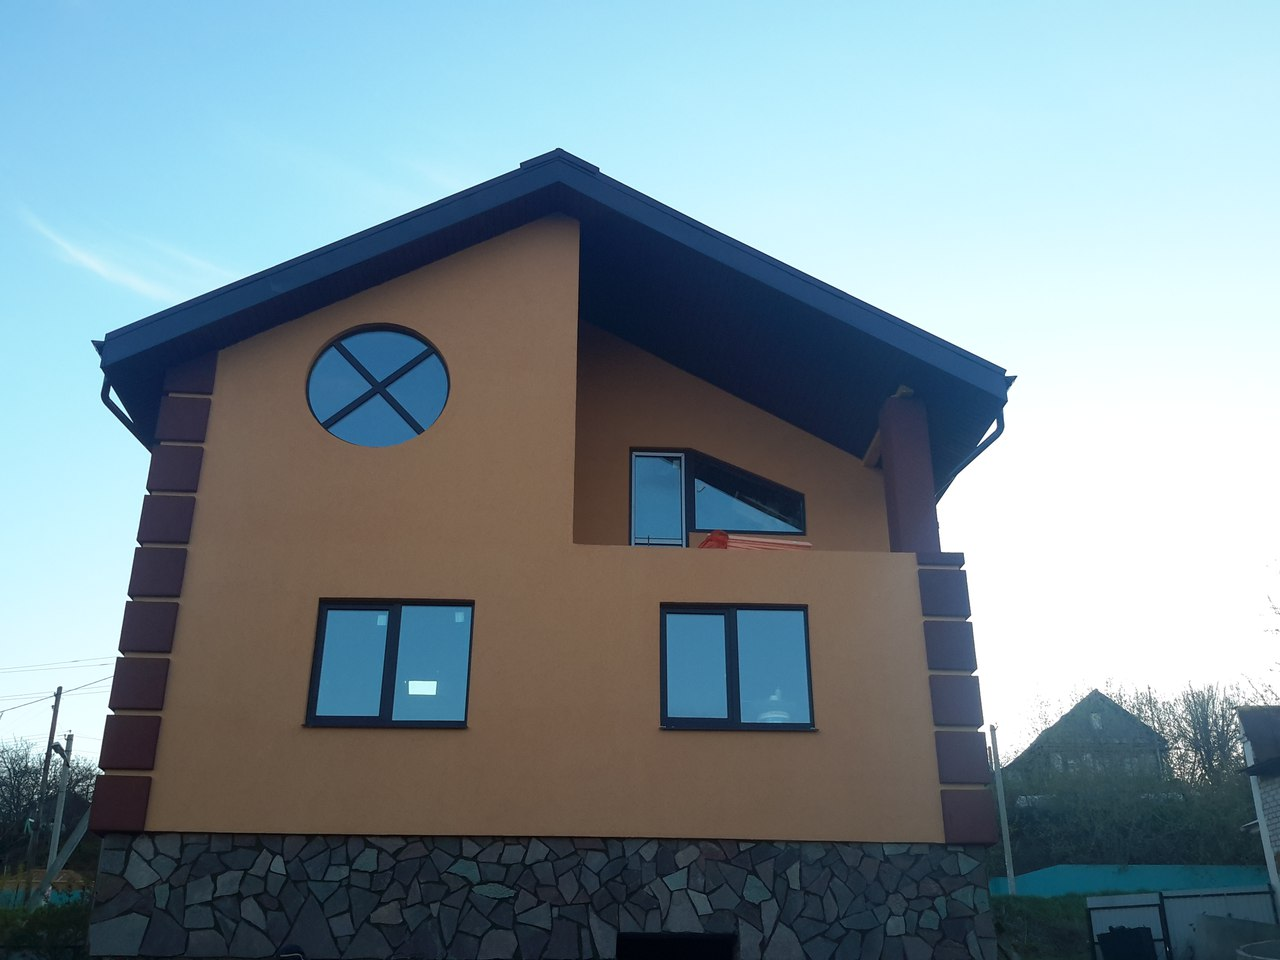 Варианты отделки фасада частного дома фото сайдингом